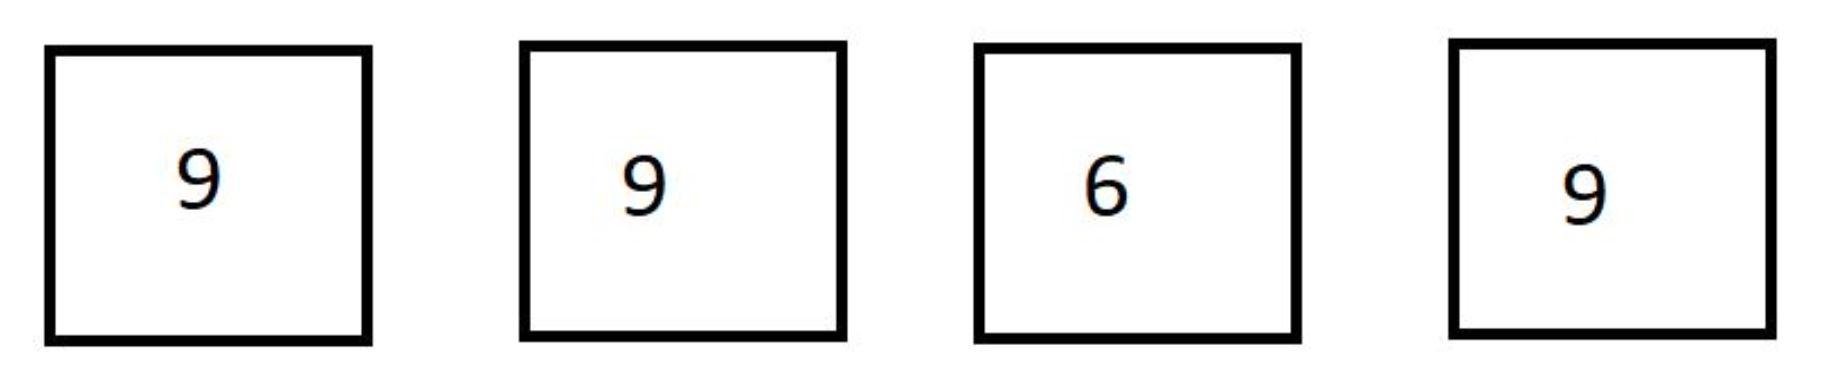 Maximum 69 Number Leetcode Solution